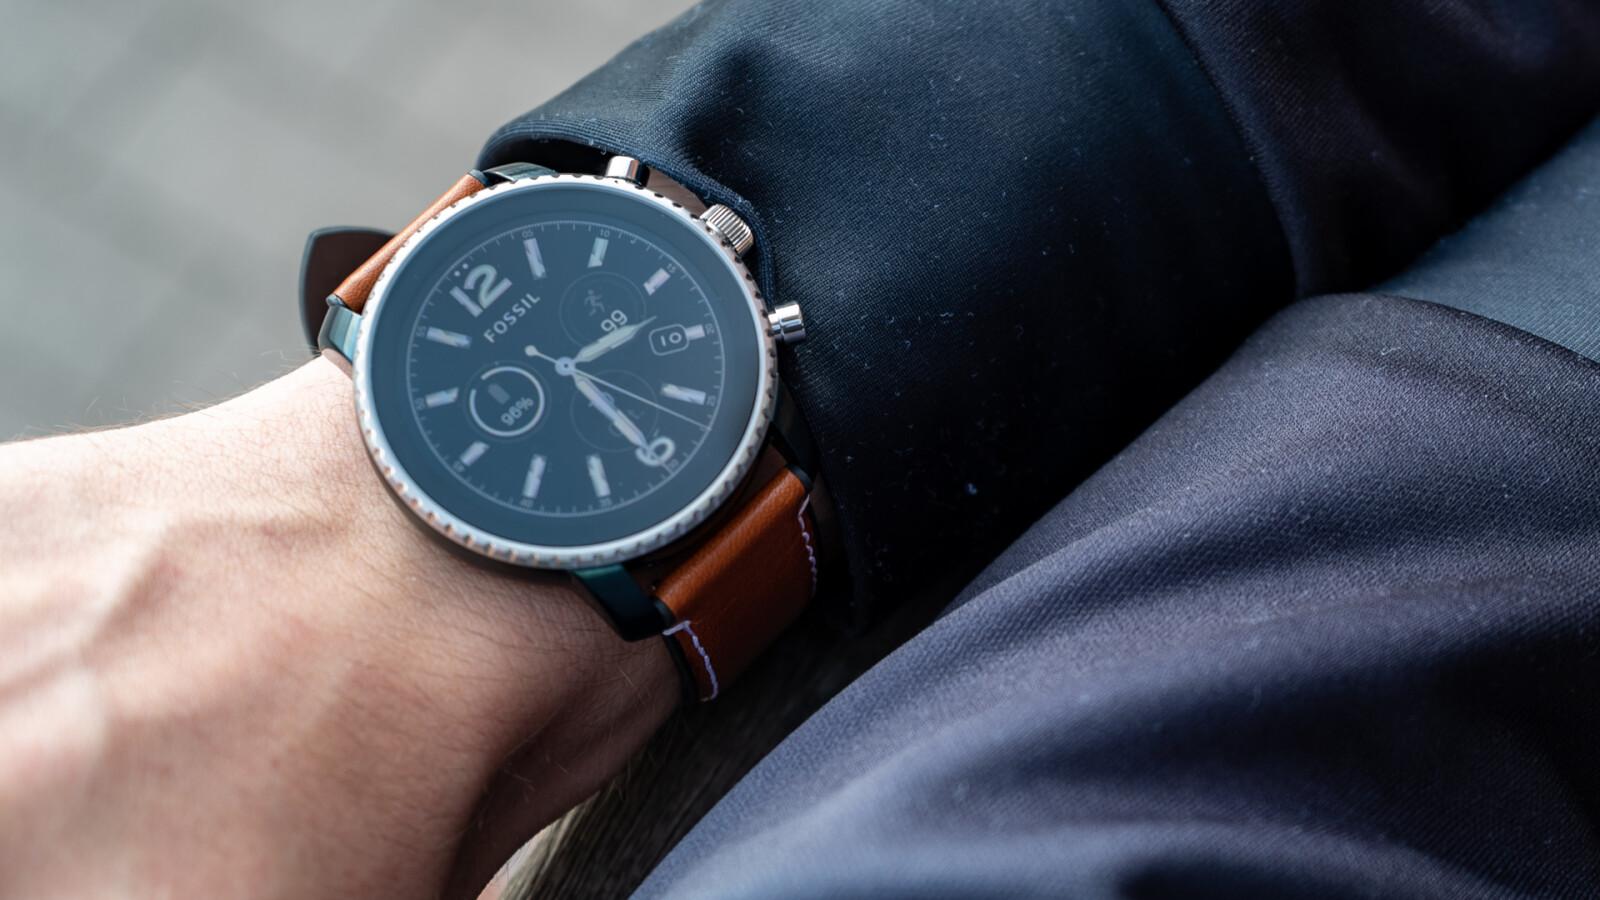 Whatsapp auf fossil smartwatch installieren